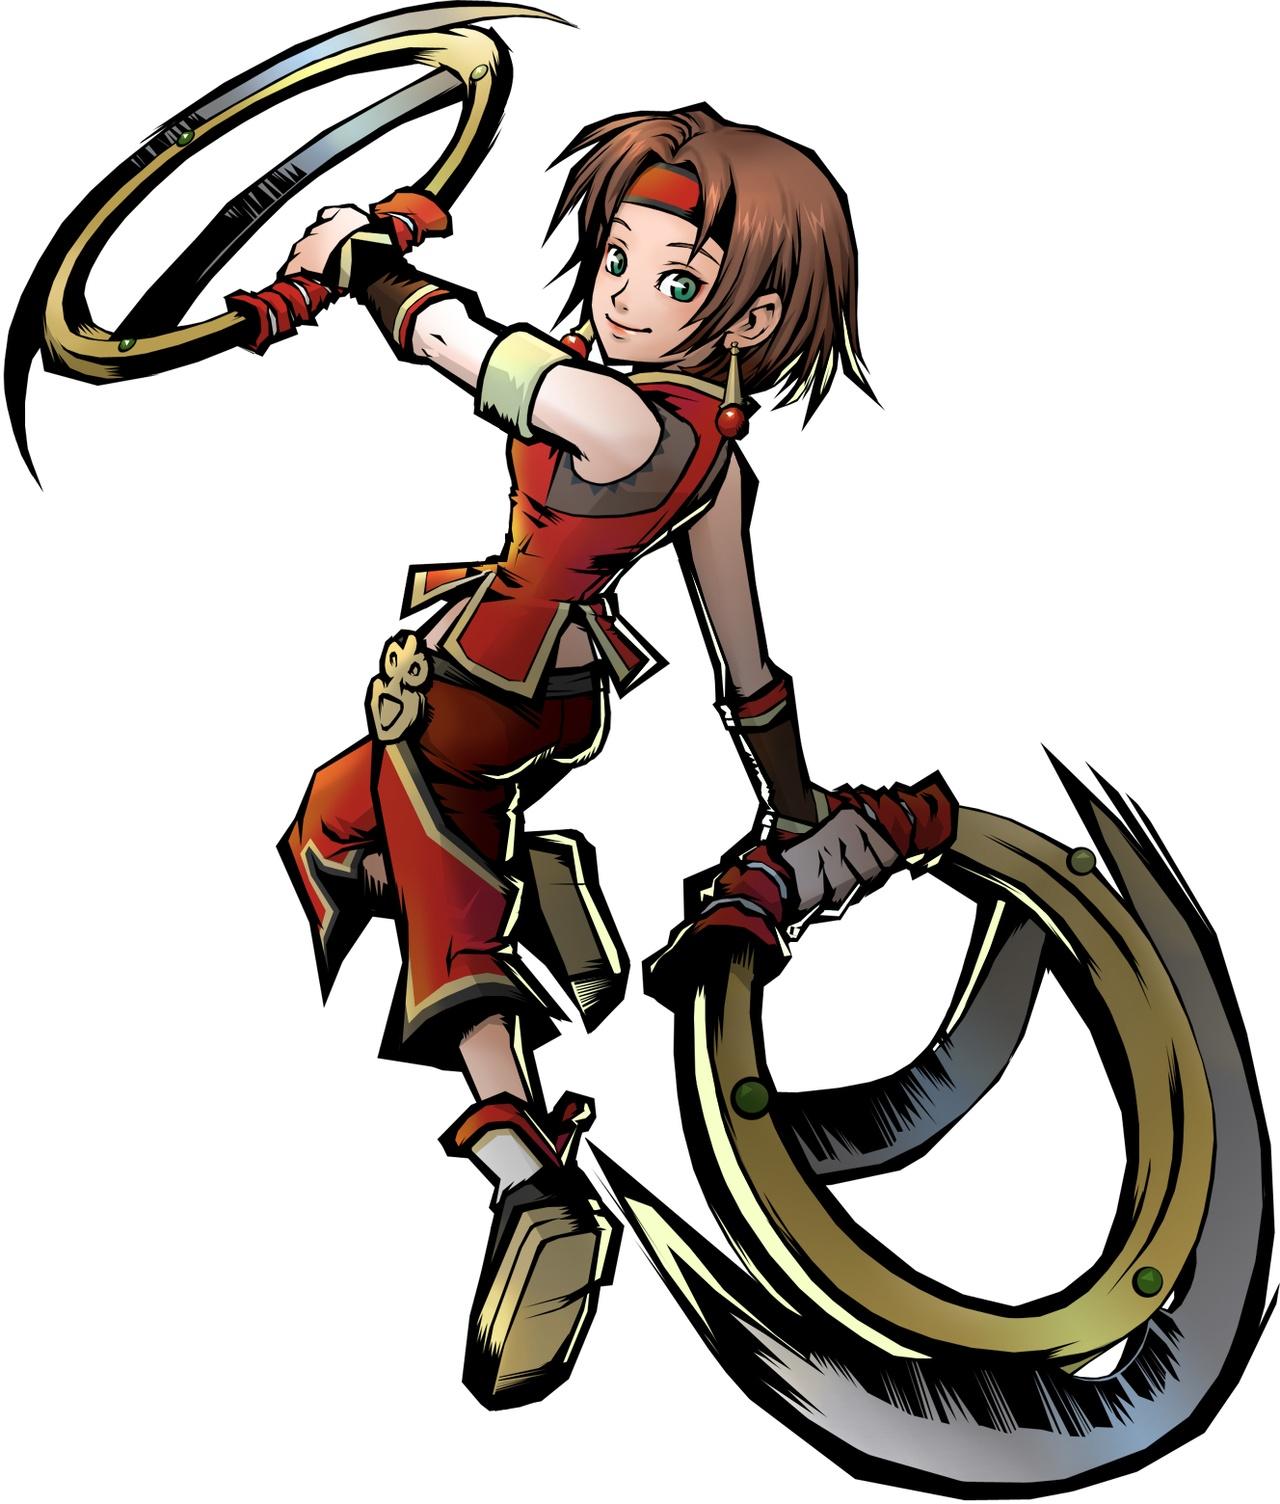 Warriors Orochi 3 Wikipedia: Image - Dynasty Warriors DS - Sun Shang Xiang.jpg